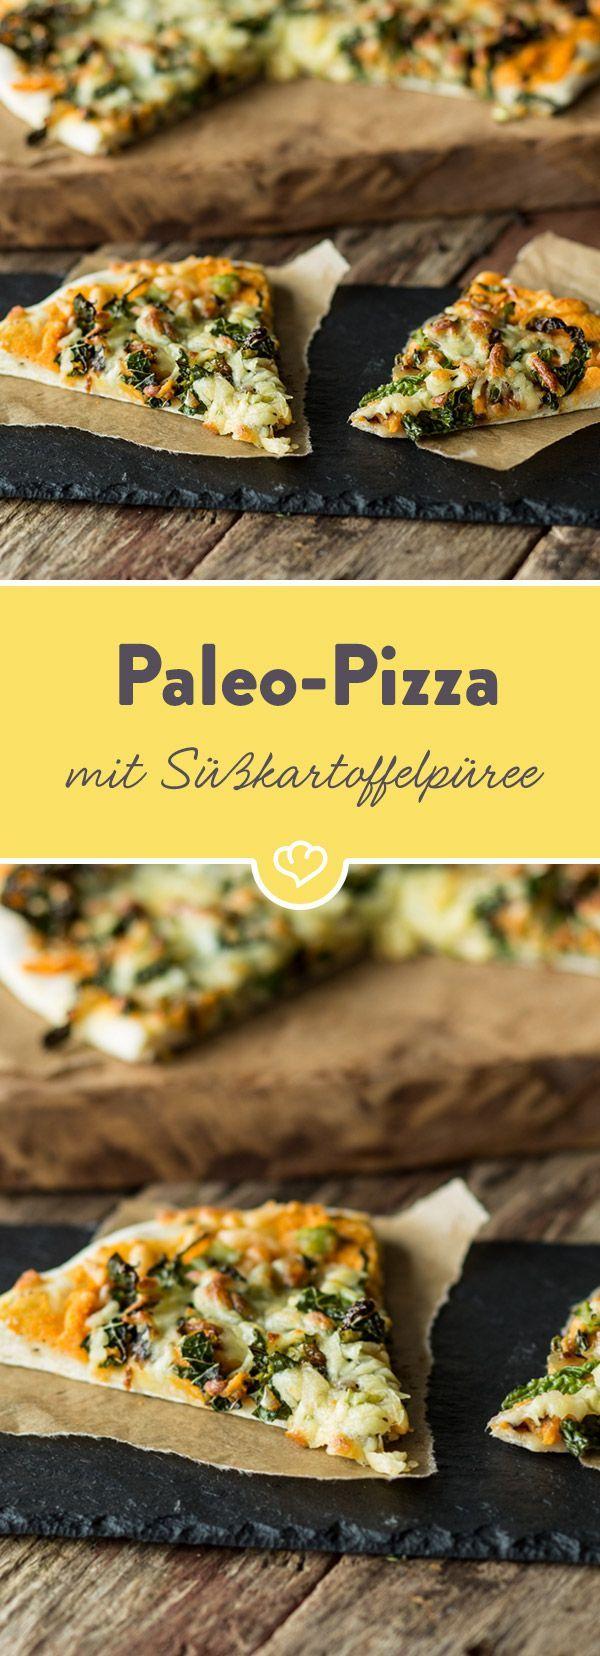 So lecker und kreativ kann Paleo sein: Knuspriger Teig – ohne Getreide – trifft hier auf Süßkartoffelpüree und gebratenen Grünkohl. Gleich ausprobieren!